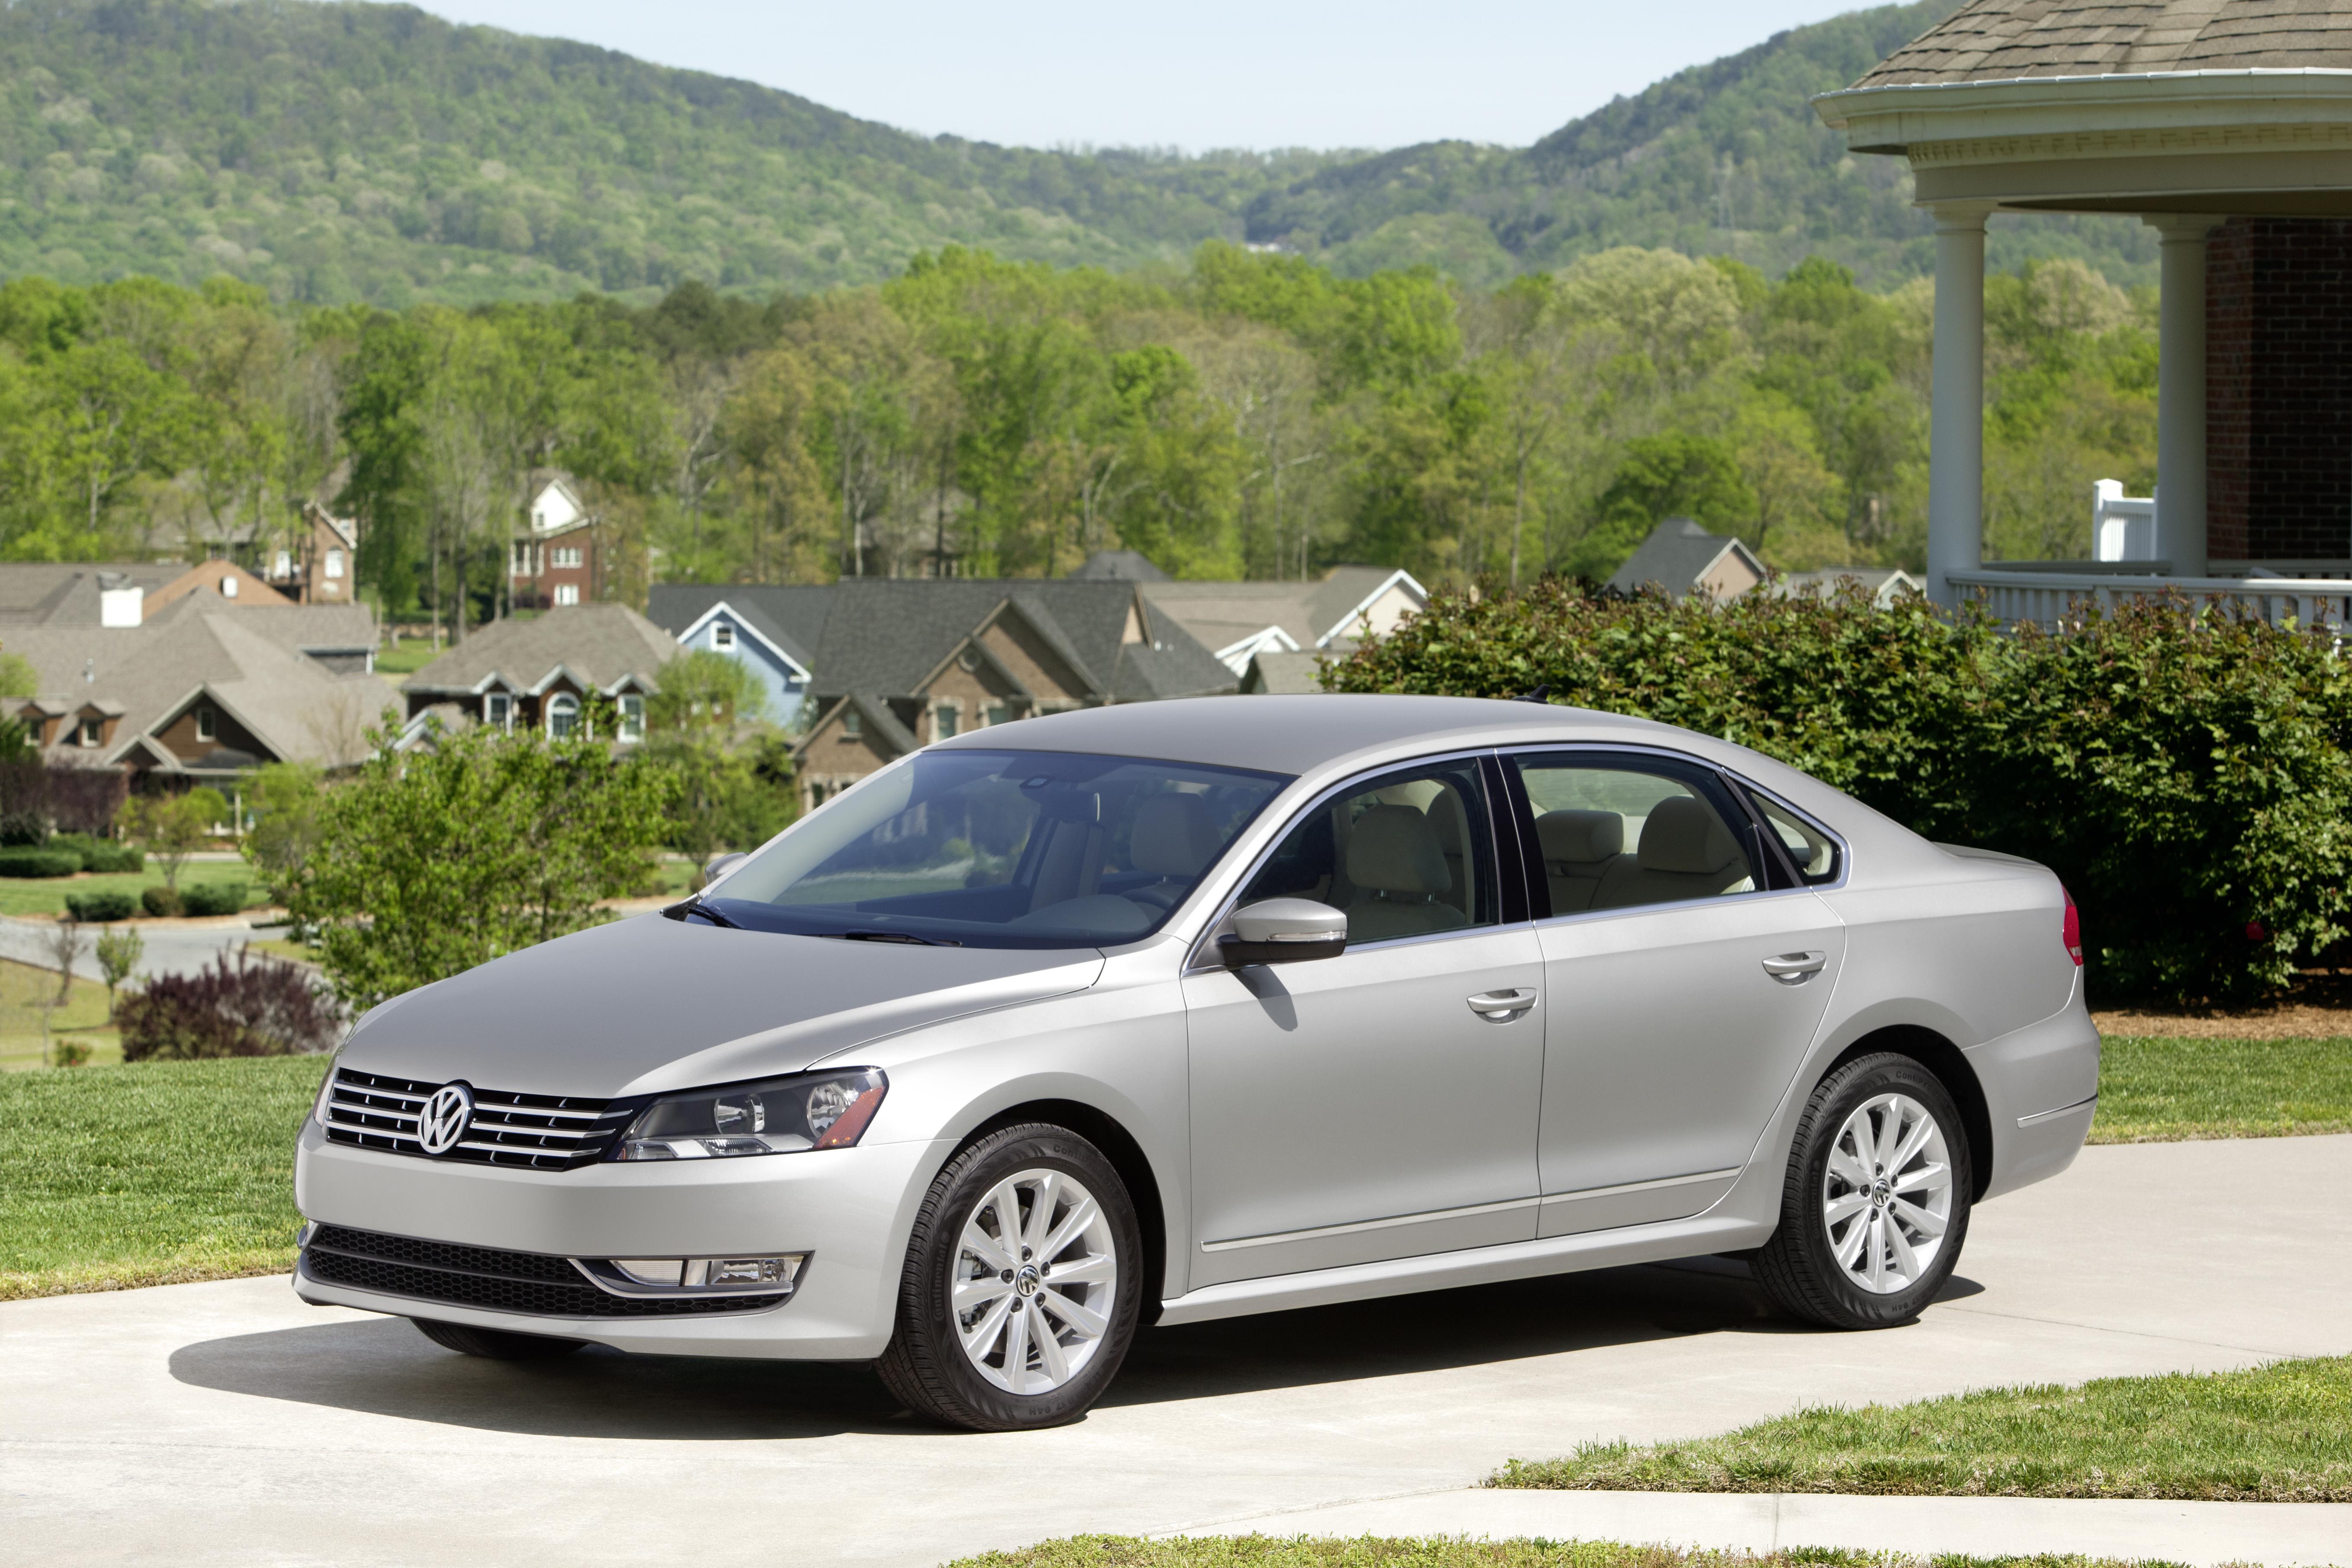 Volkswagen Passat (North America) 2011 - now Sedan #1